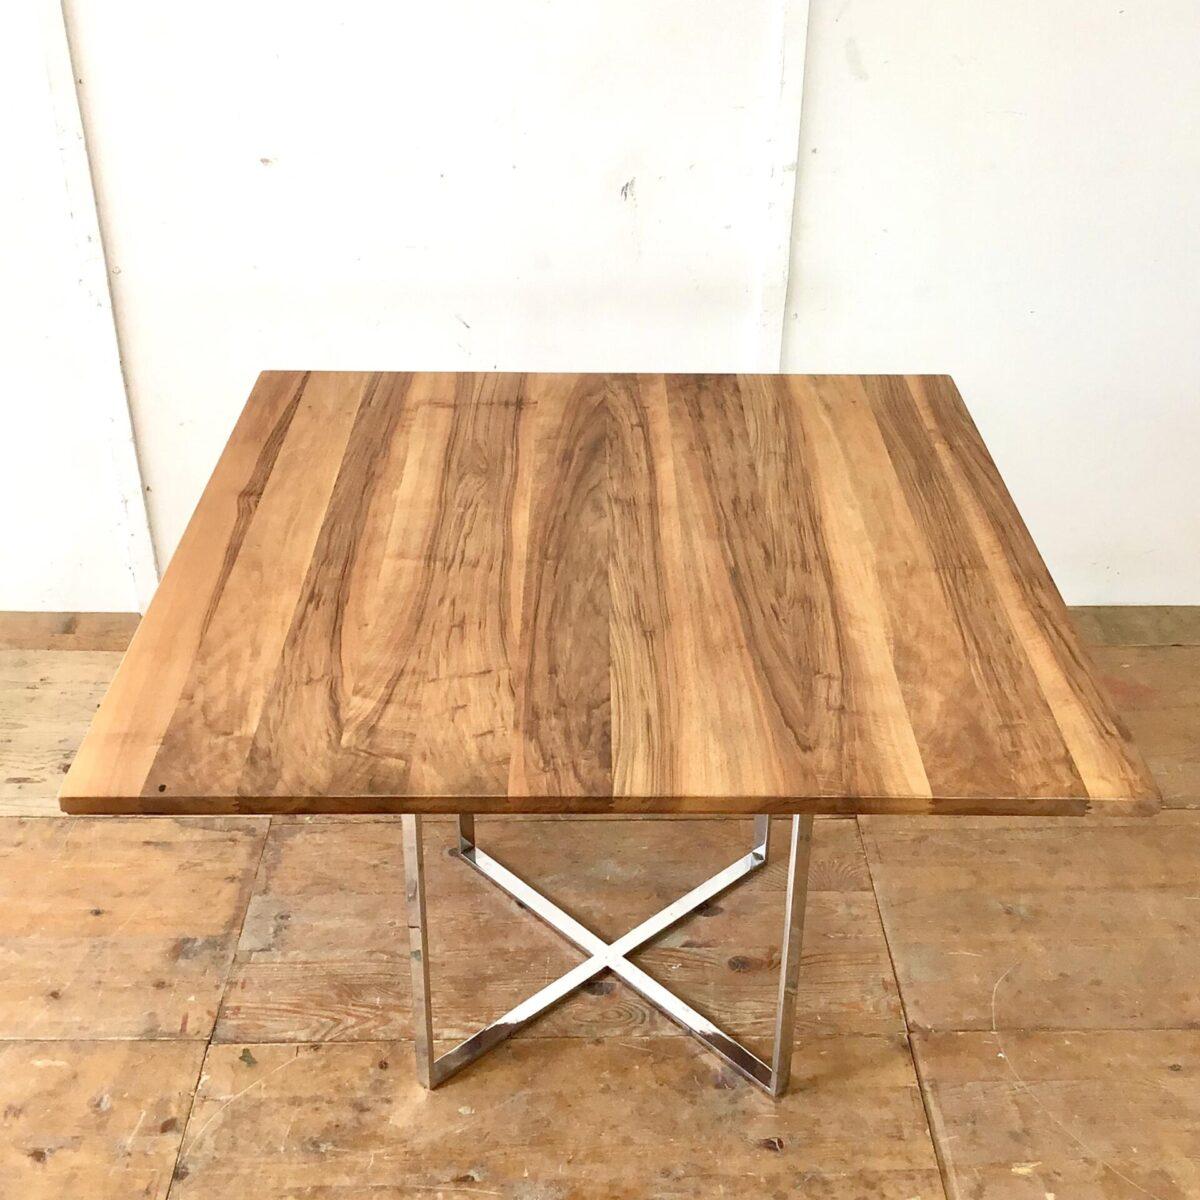 Schlichter Sitzungstisch aus Nussbaum Vollholz, mit Metallfuss verchromt.110x110cm Höhe 75cm. Holzoberfläche mit Naturöl behandelt.